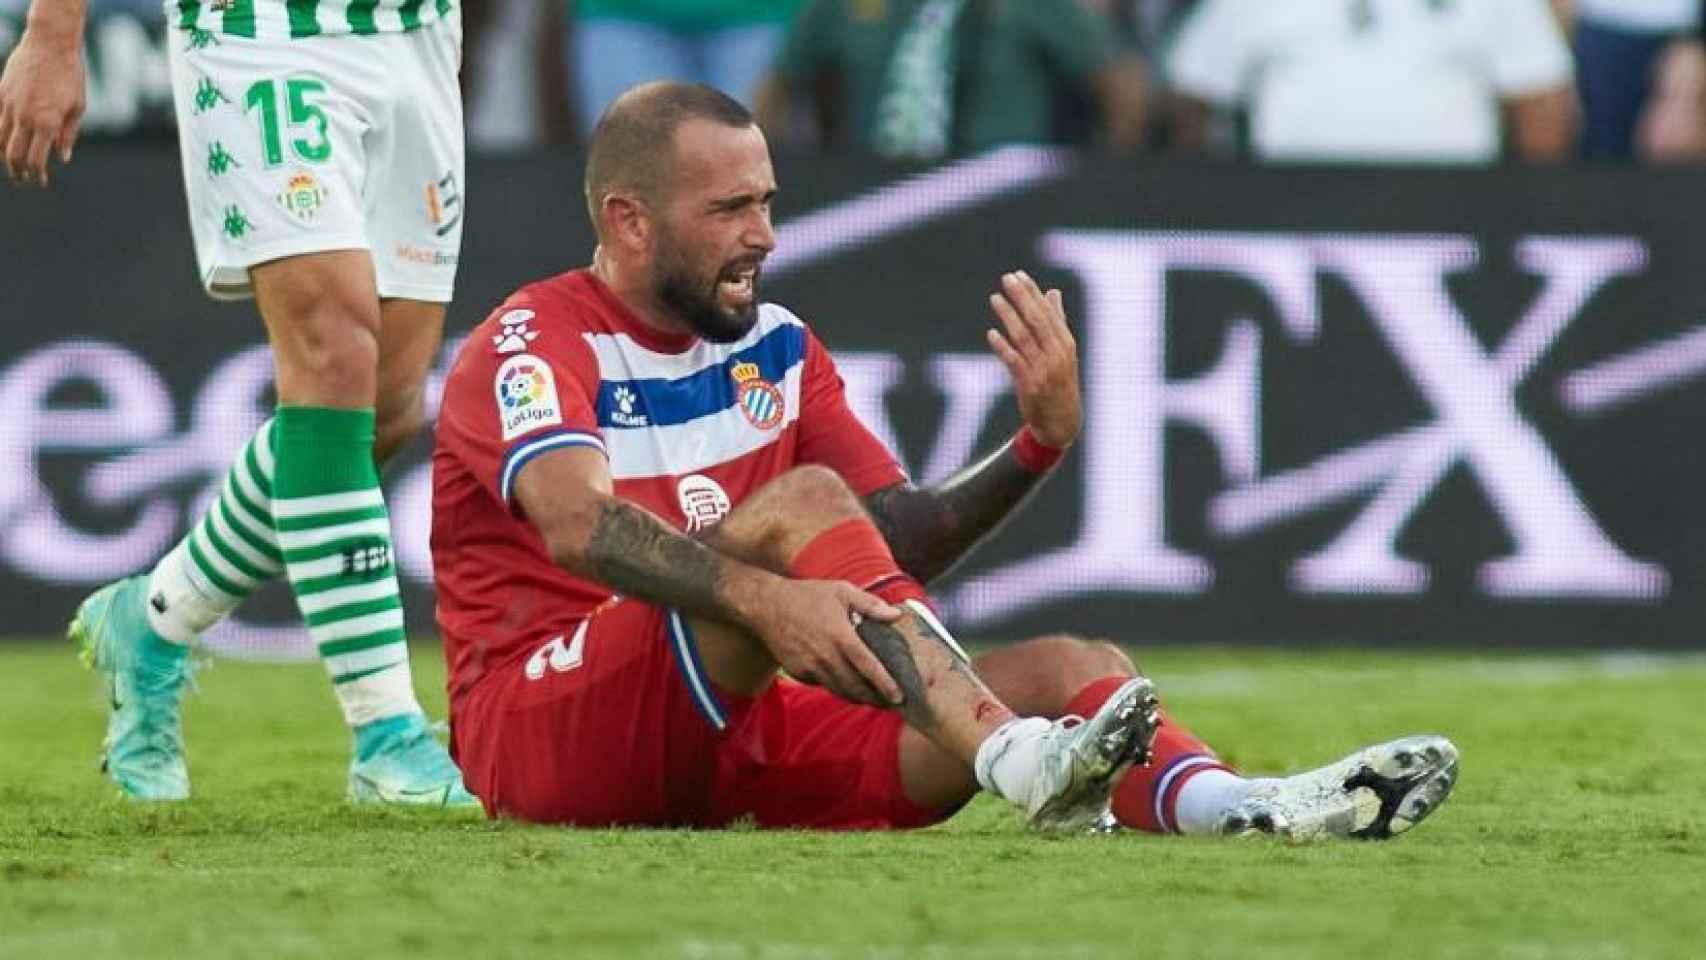 La terrible lesión de Aleix Vidal contra el Betis